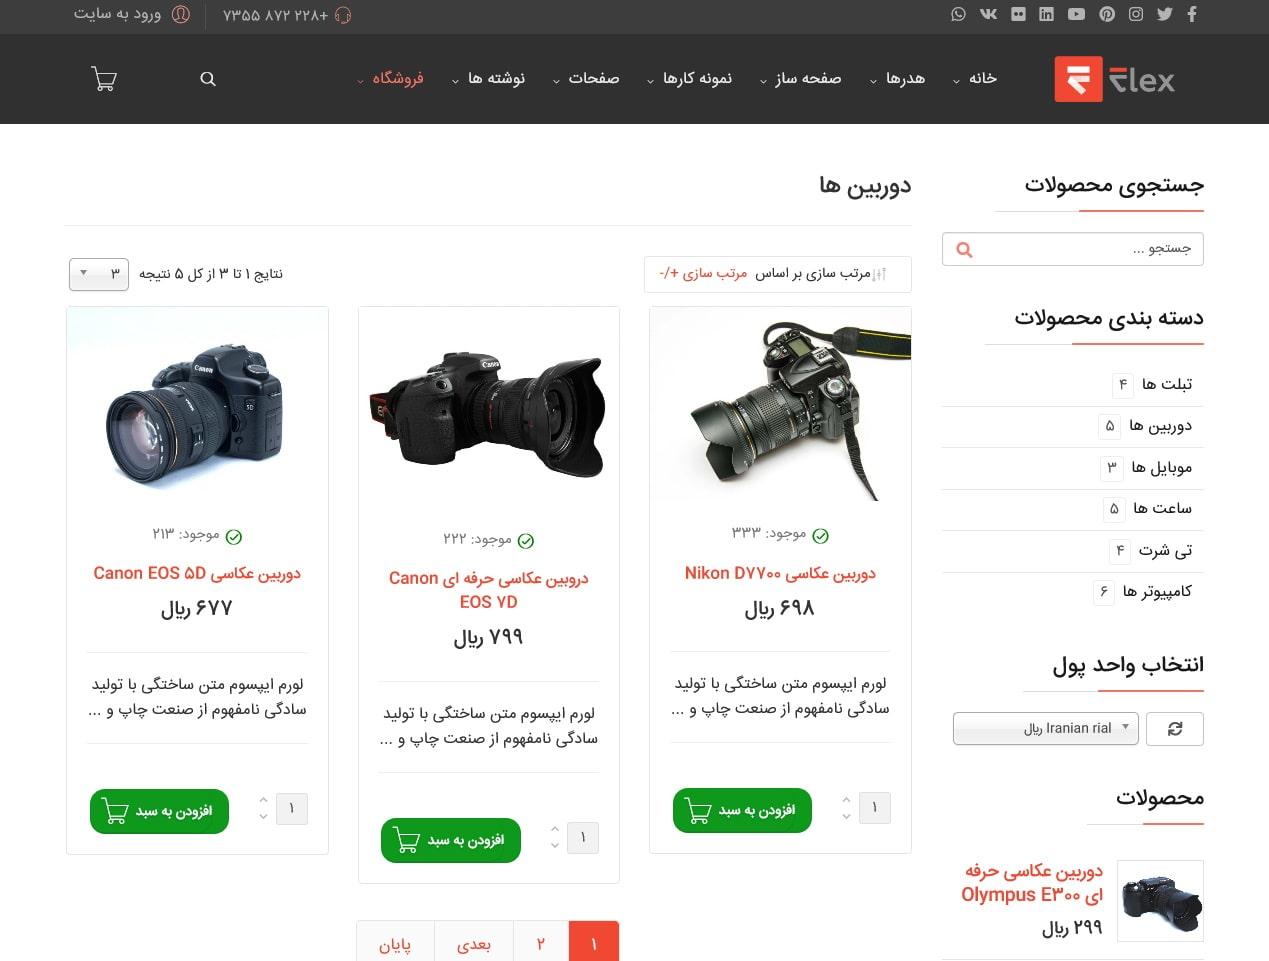 صفحه محصولات قالب Flex